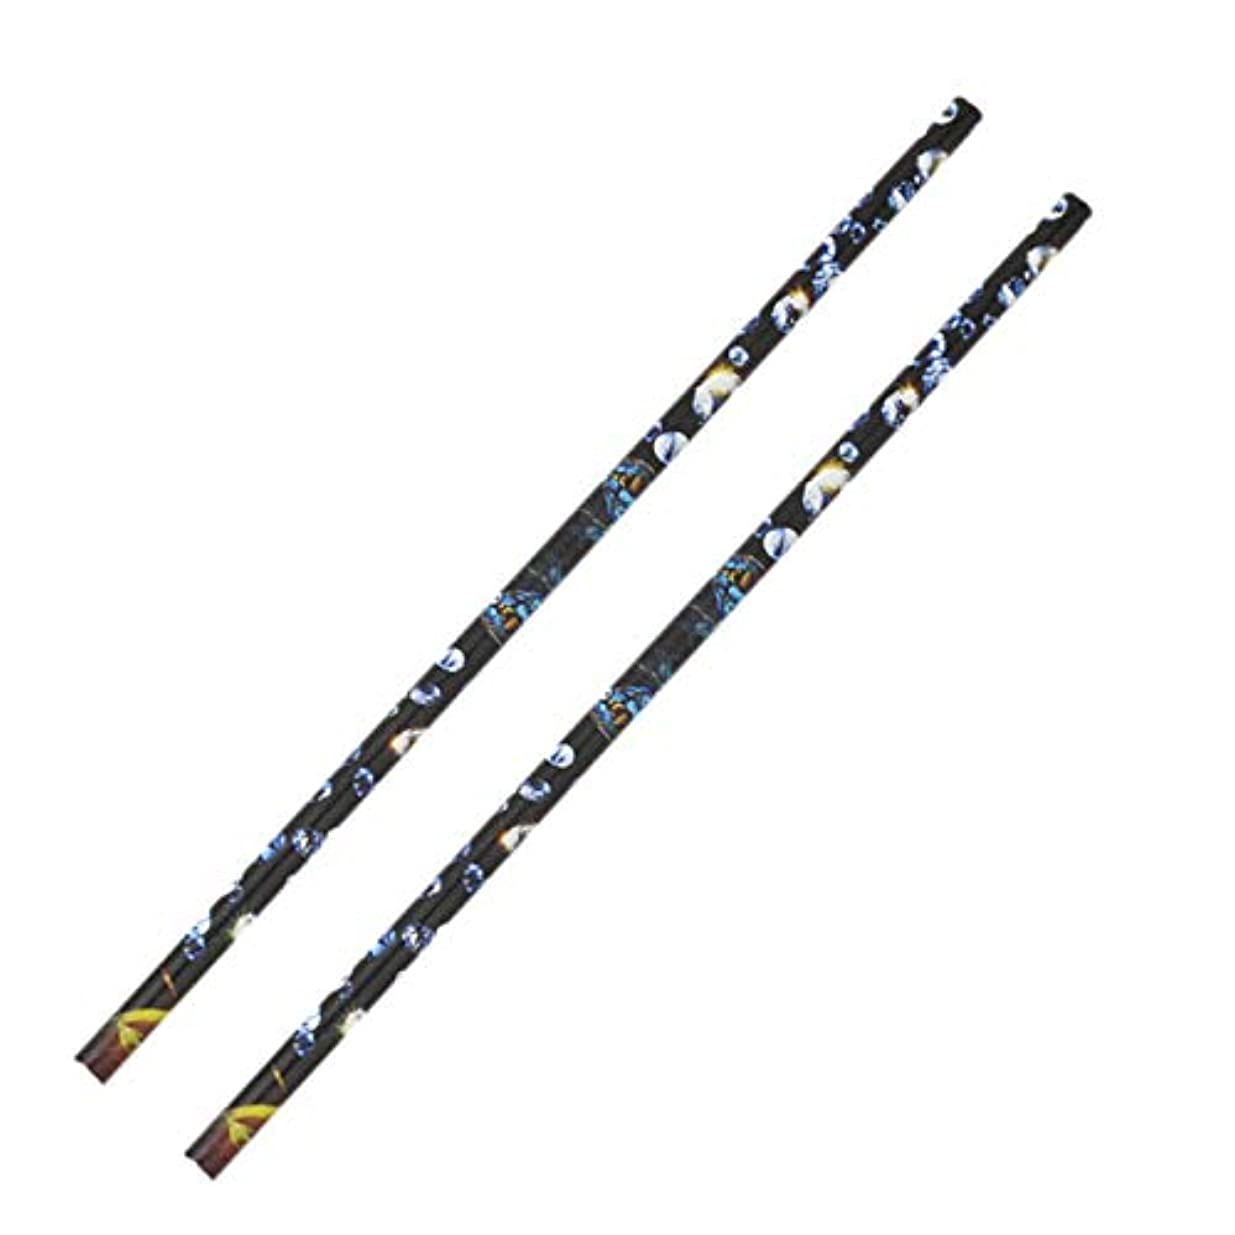 櫛スポーツをする良心的Gaoominy 2個 クリスタル ラインストーン ピッカー鉛筆ネイルアートクラフト装飾ツール ワックスペンDIYスティッキードリルクレヨンラインストーンスティックドリルペン マニキュアツール